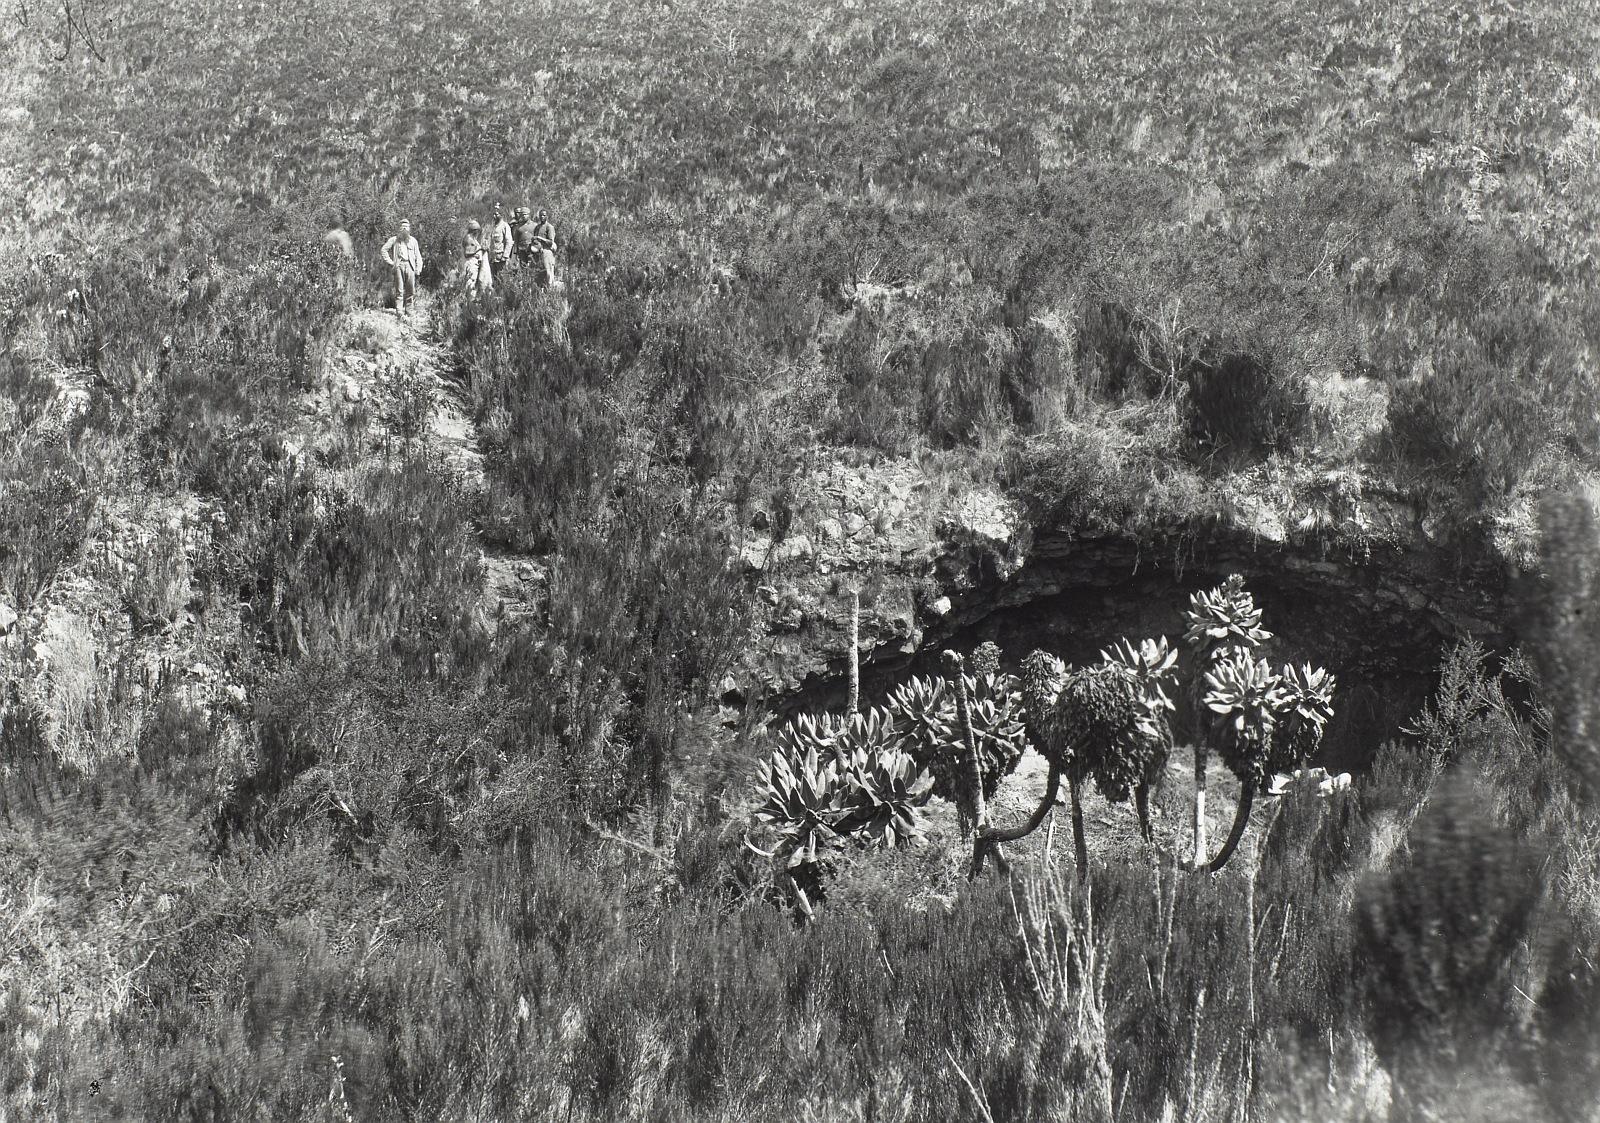 32. Килиманджаро. Участники экспедиции в Мбасхалеле